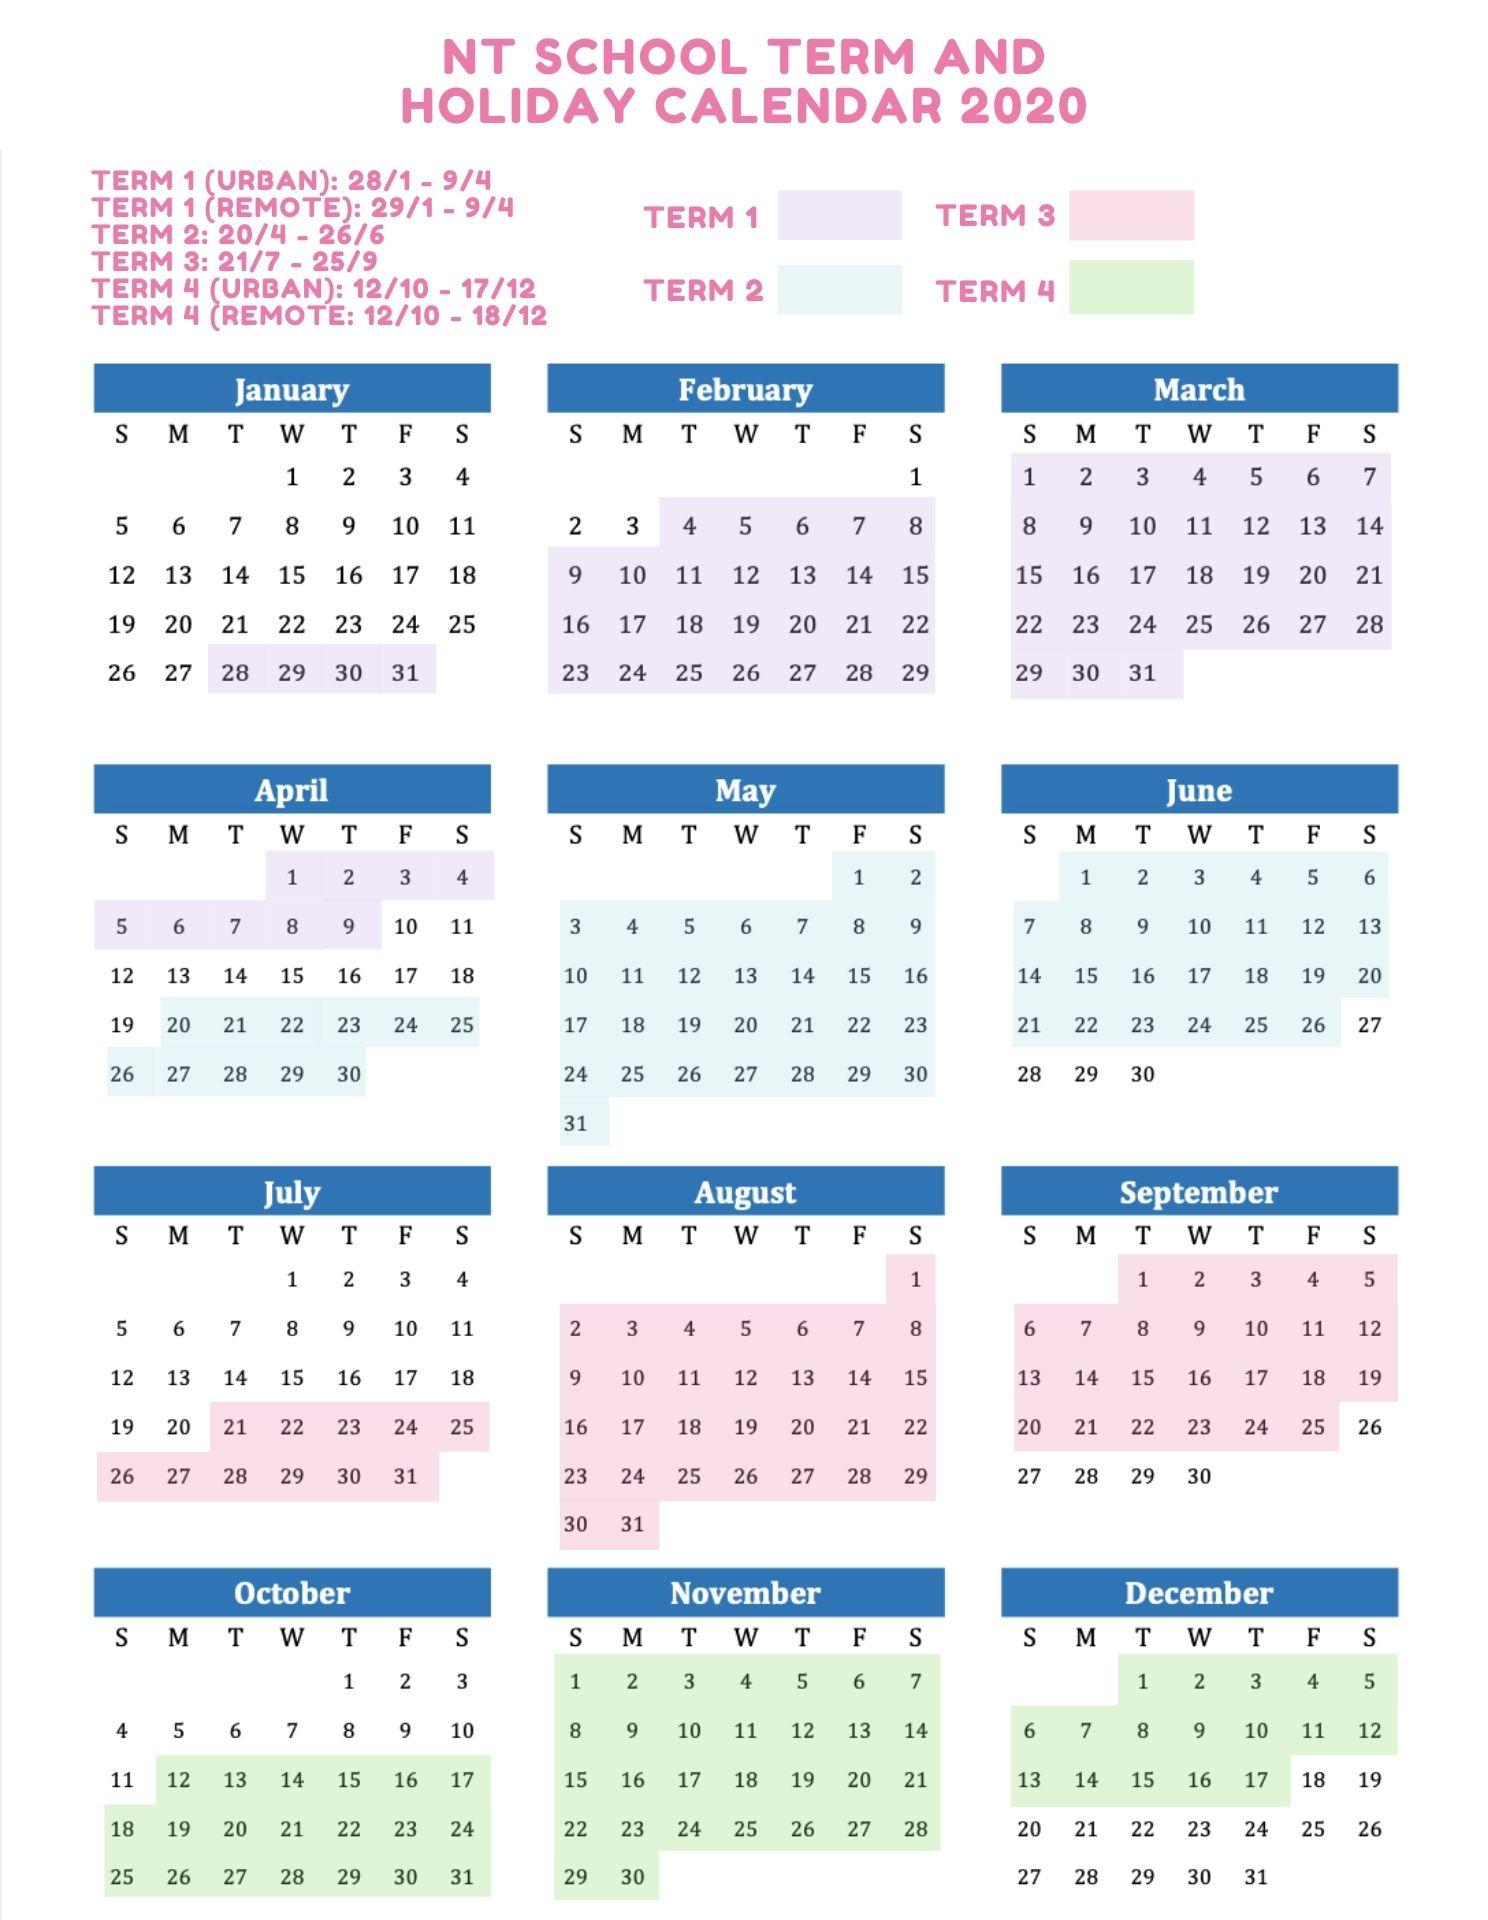 NT School Holidays 2020